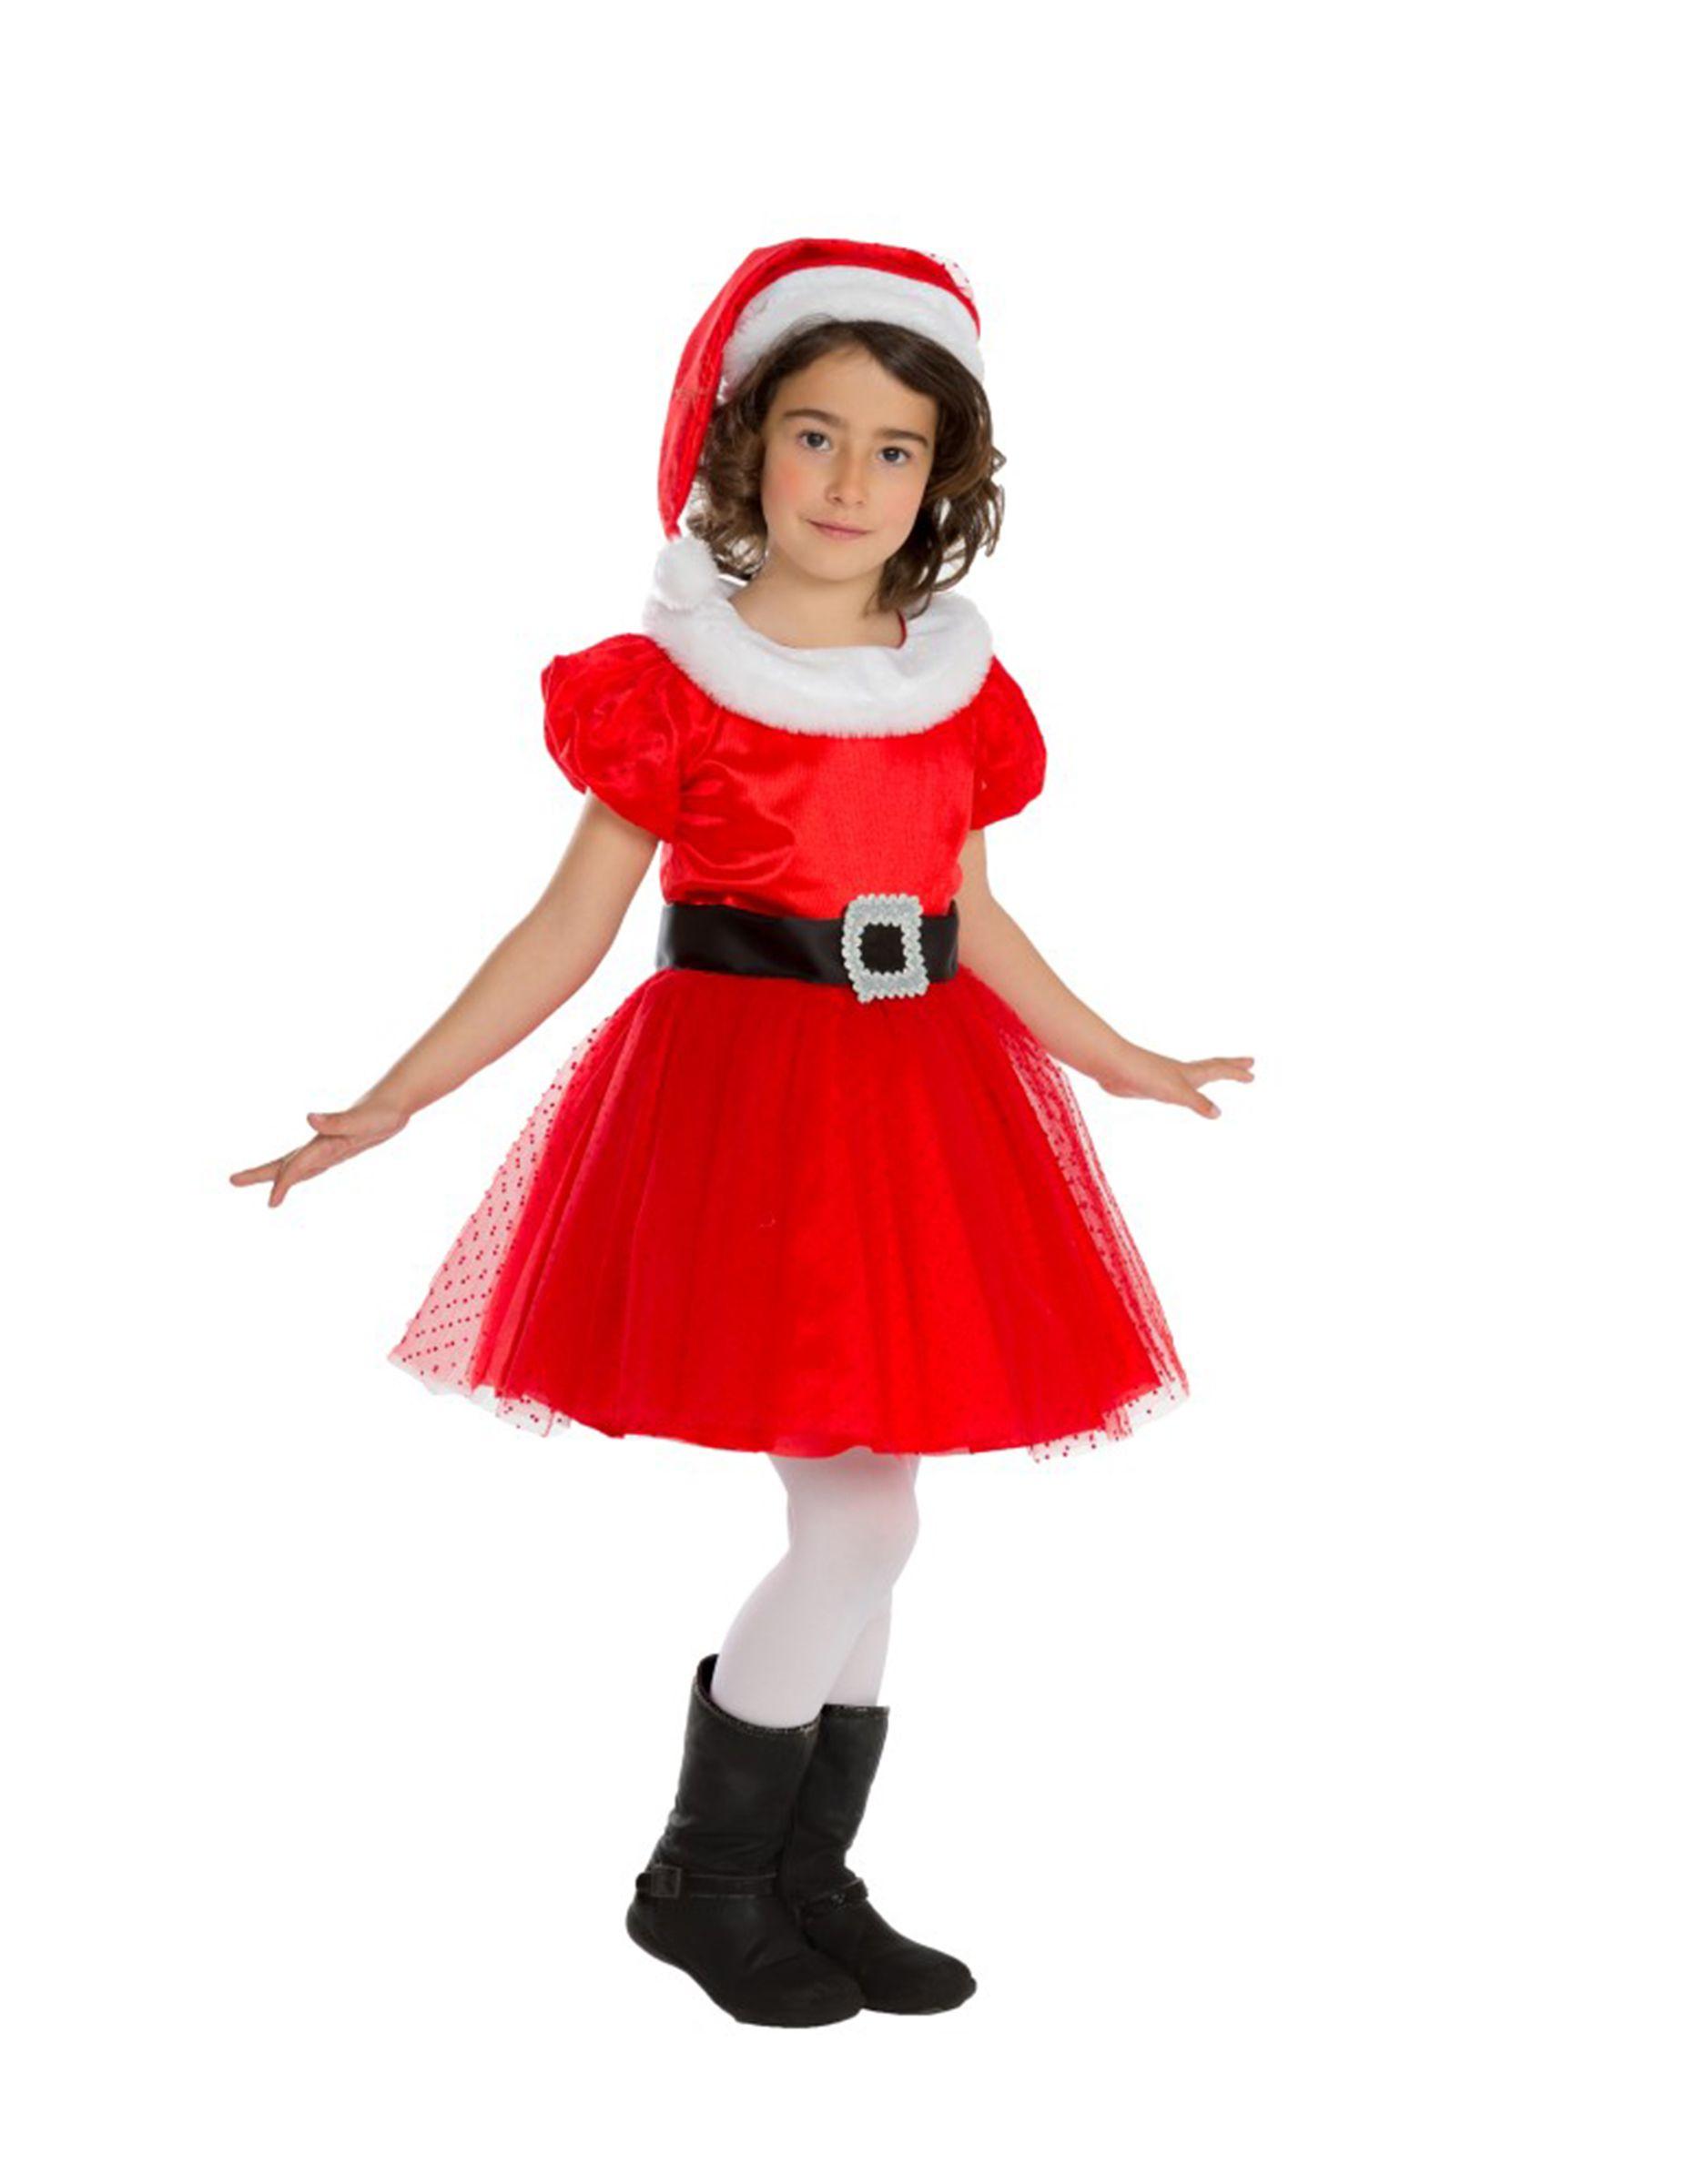 e139c53b5 Disfarce Mãe Natal menina - Premium Roupas De Natal Infantil